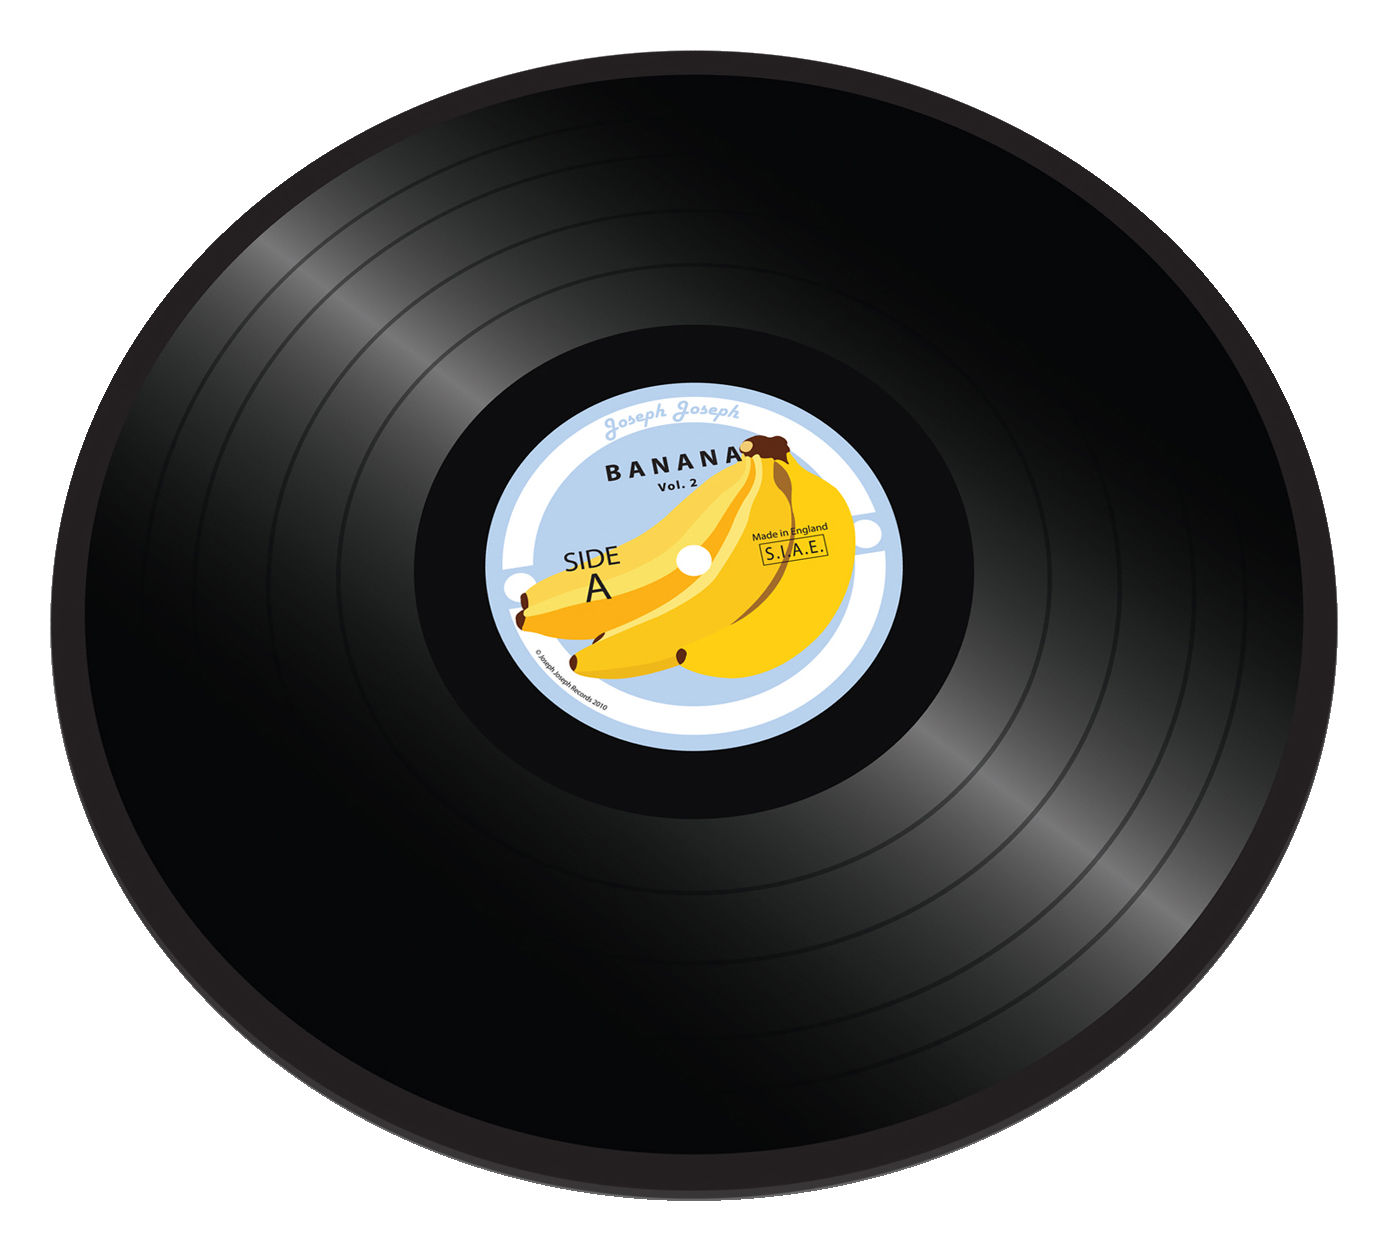 Tavola - Vassoi  - Tagliere Banana vinyl - / sottopiatto di Joseph Joseph - Banana Vinyl - Vetro